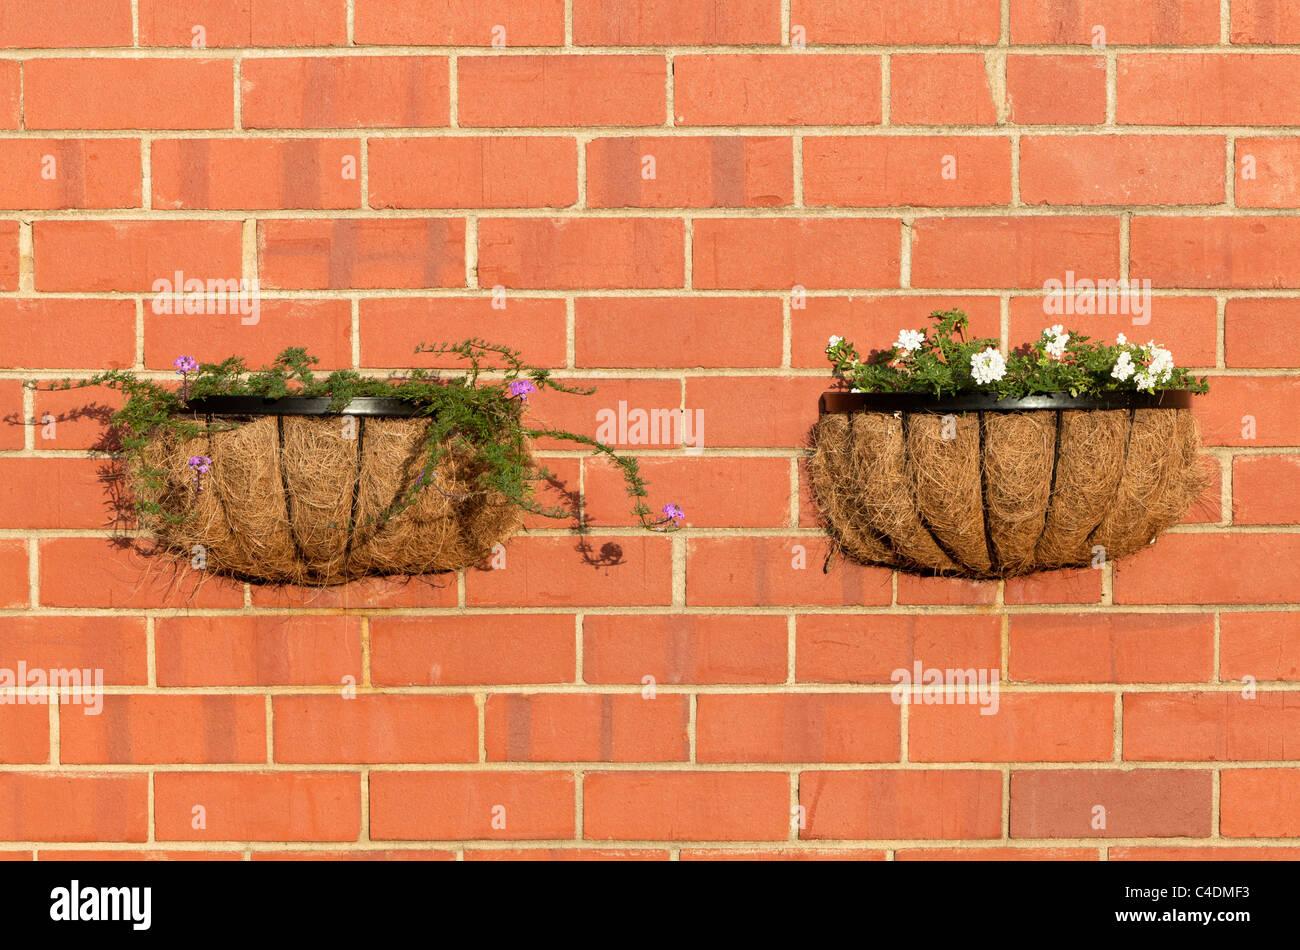 La verbena fiori che crescono in cesti di parete Immagini Stock